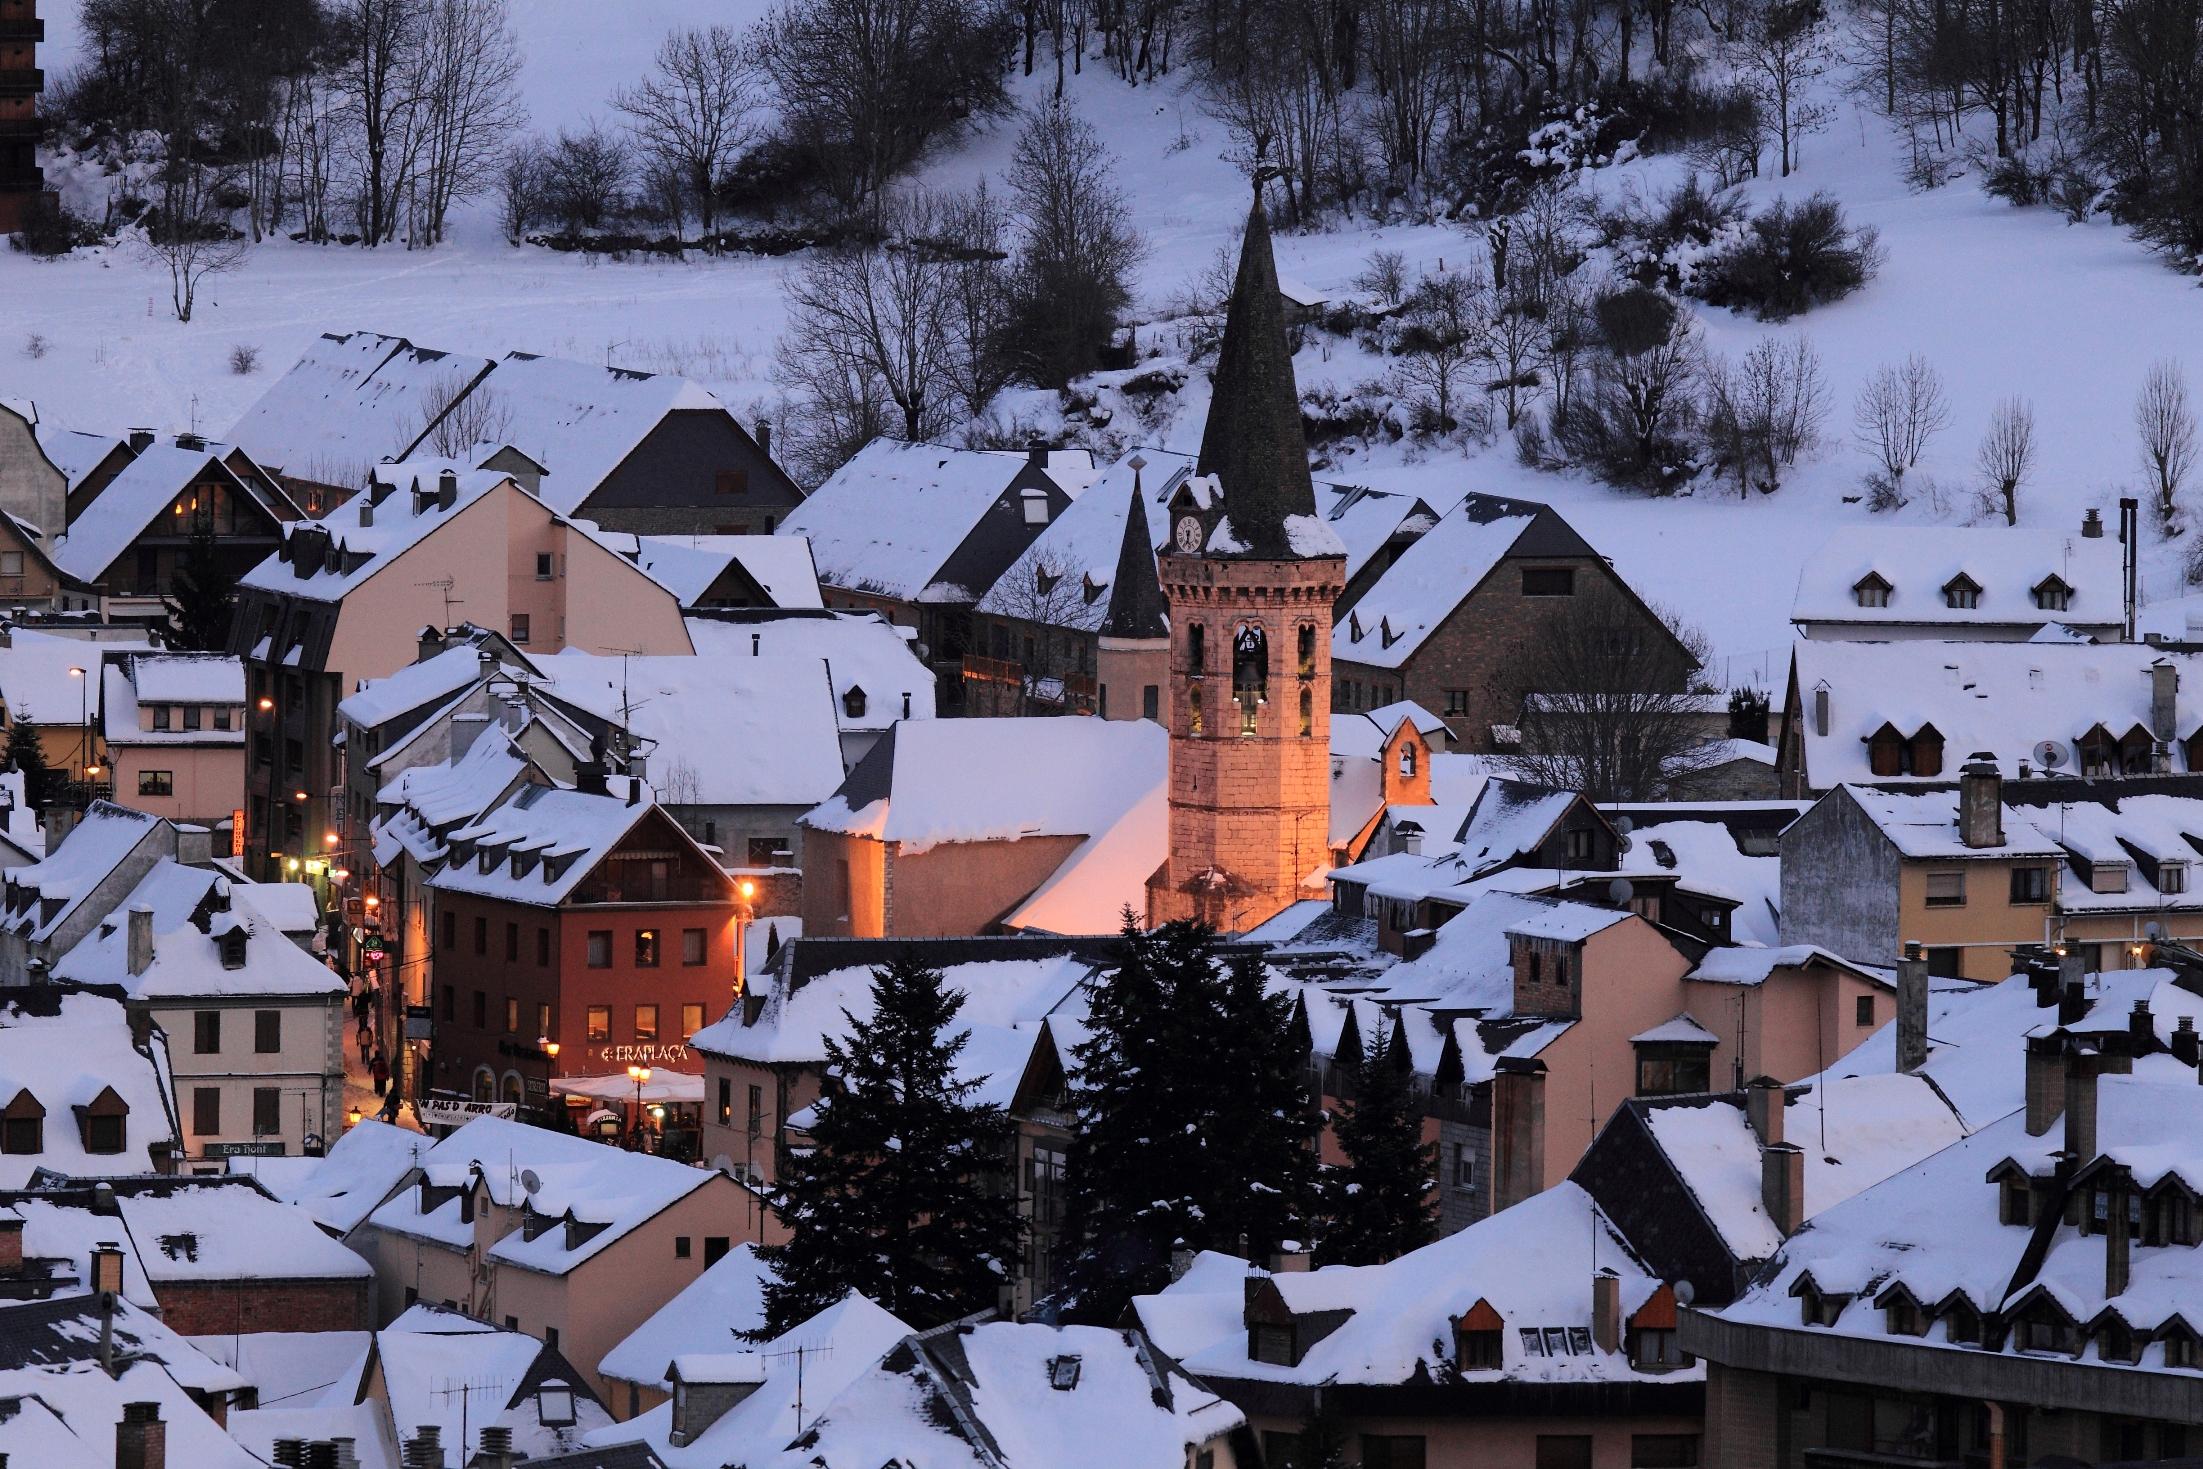 turismo en invierno